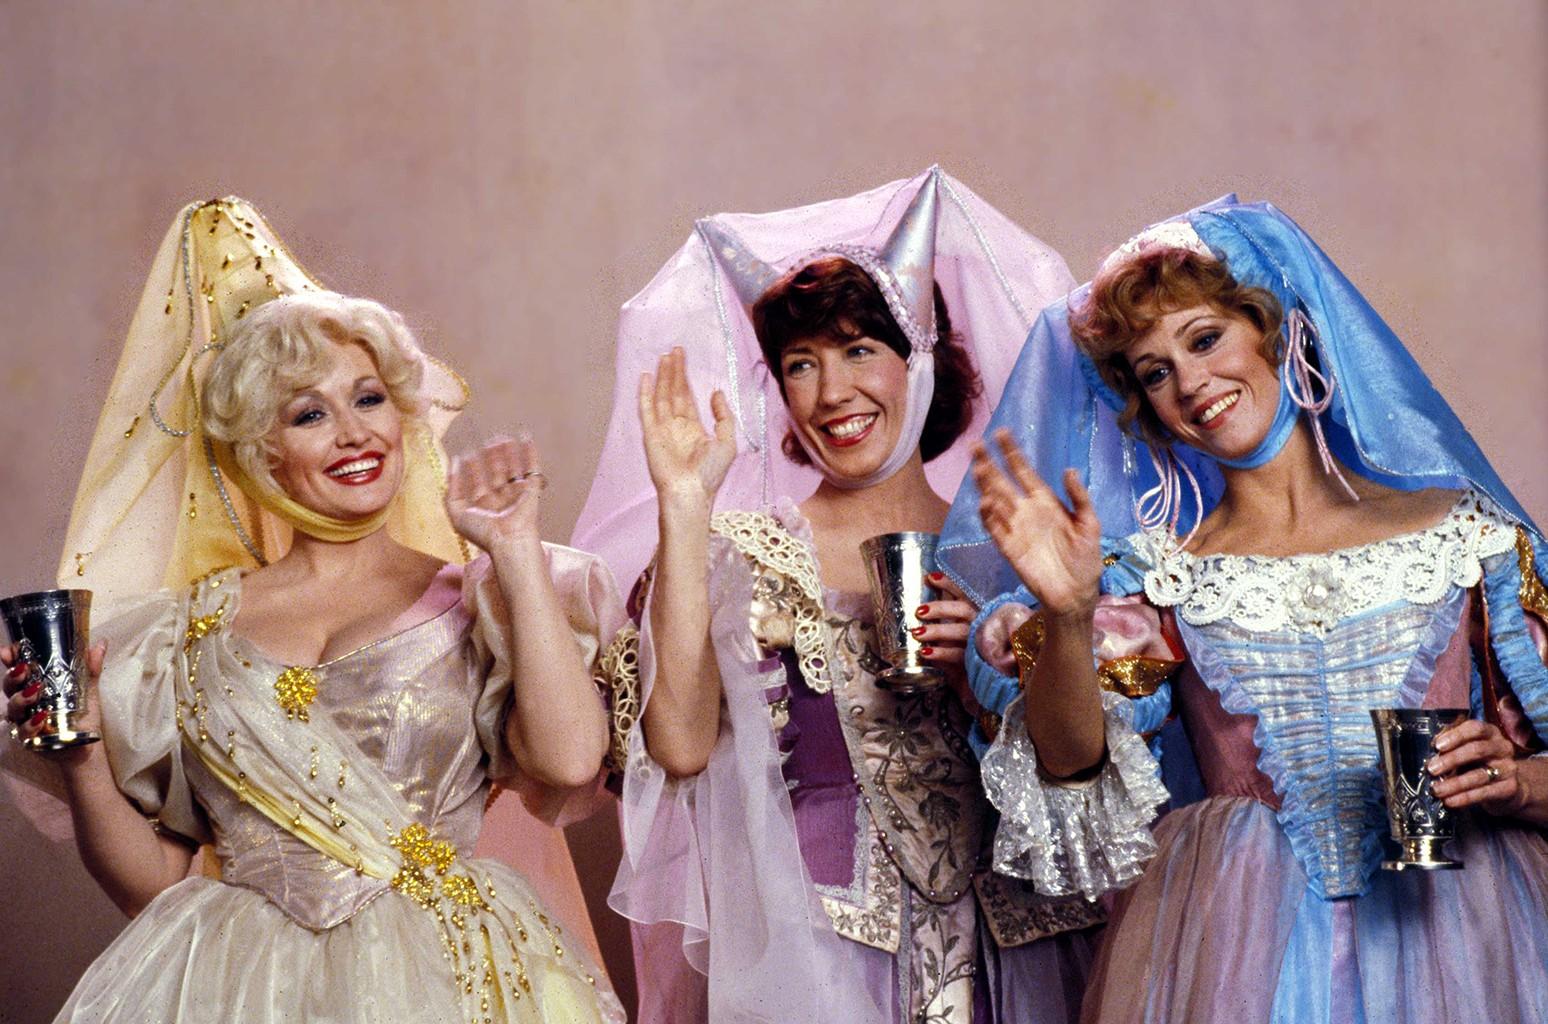 Dolly Parton, Lily Tomlin and Jane Fonda